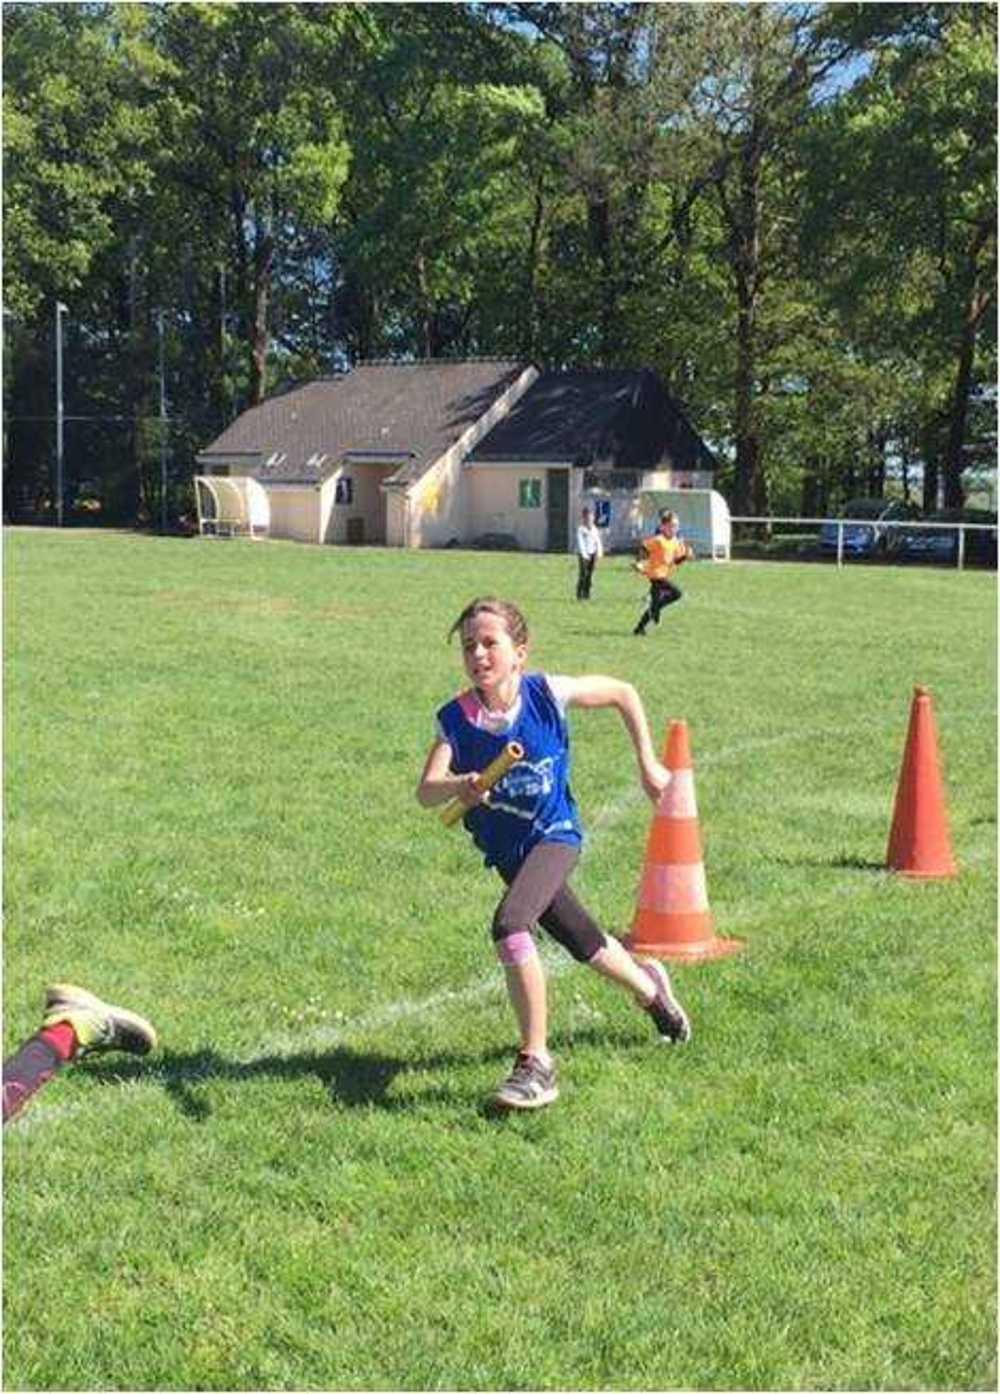 AS22 : Photos de la rencontre d''athlétisme image5